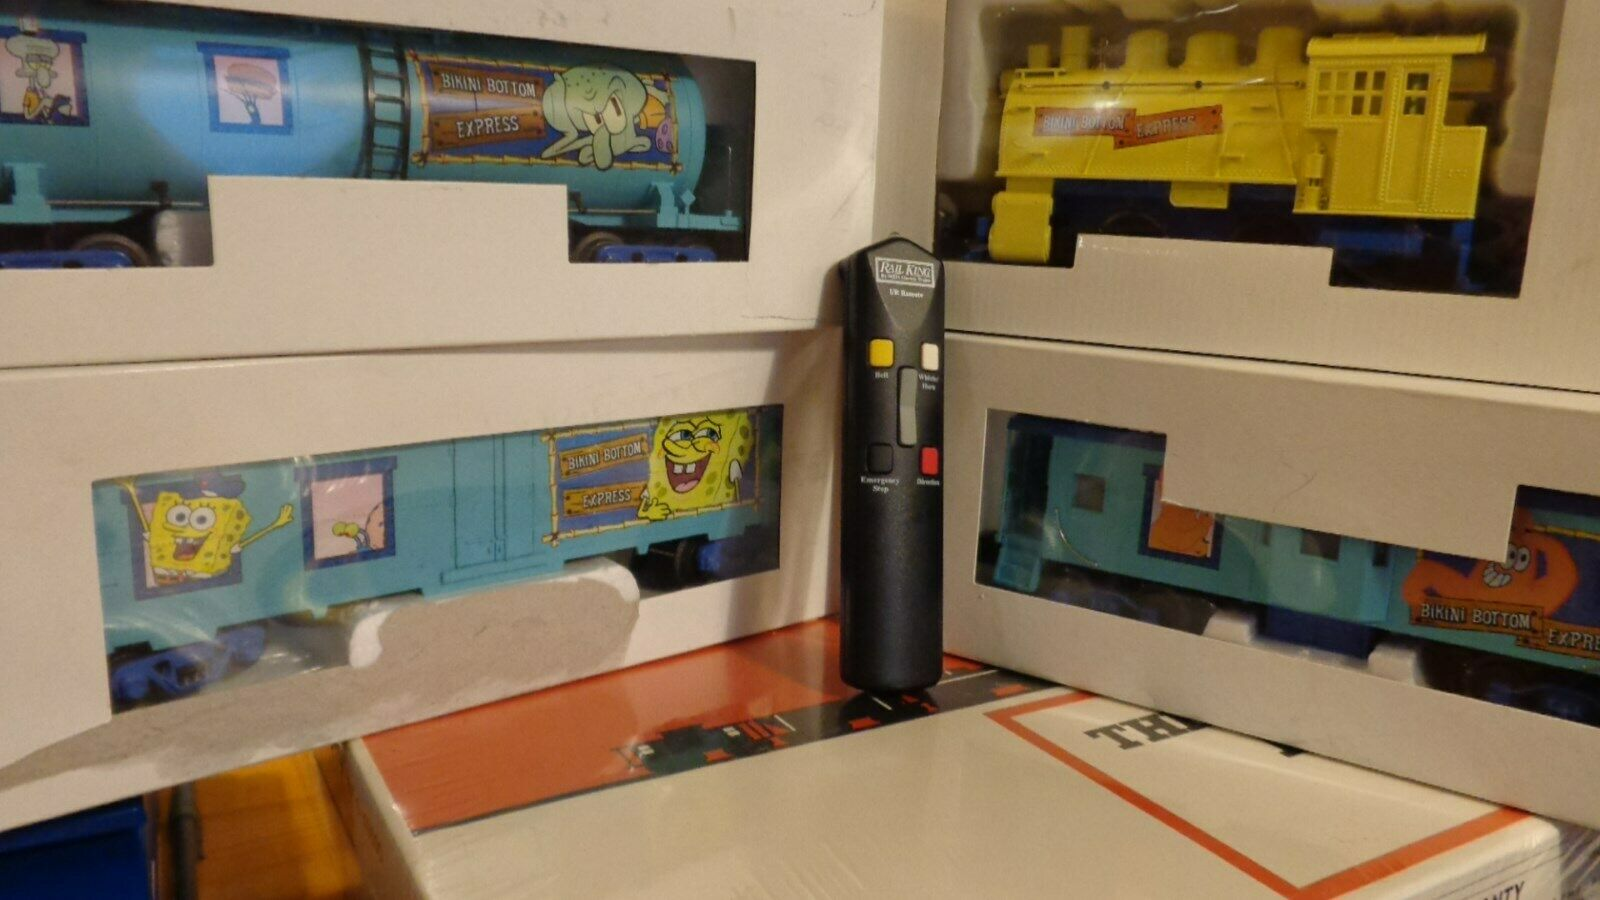 MTH Spongebob SquareHose 30-4118-0E 30-4118A 30-4118B 30-4118C w  remote